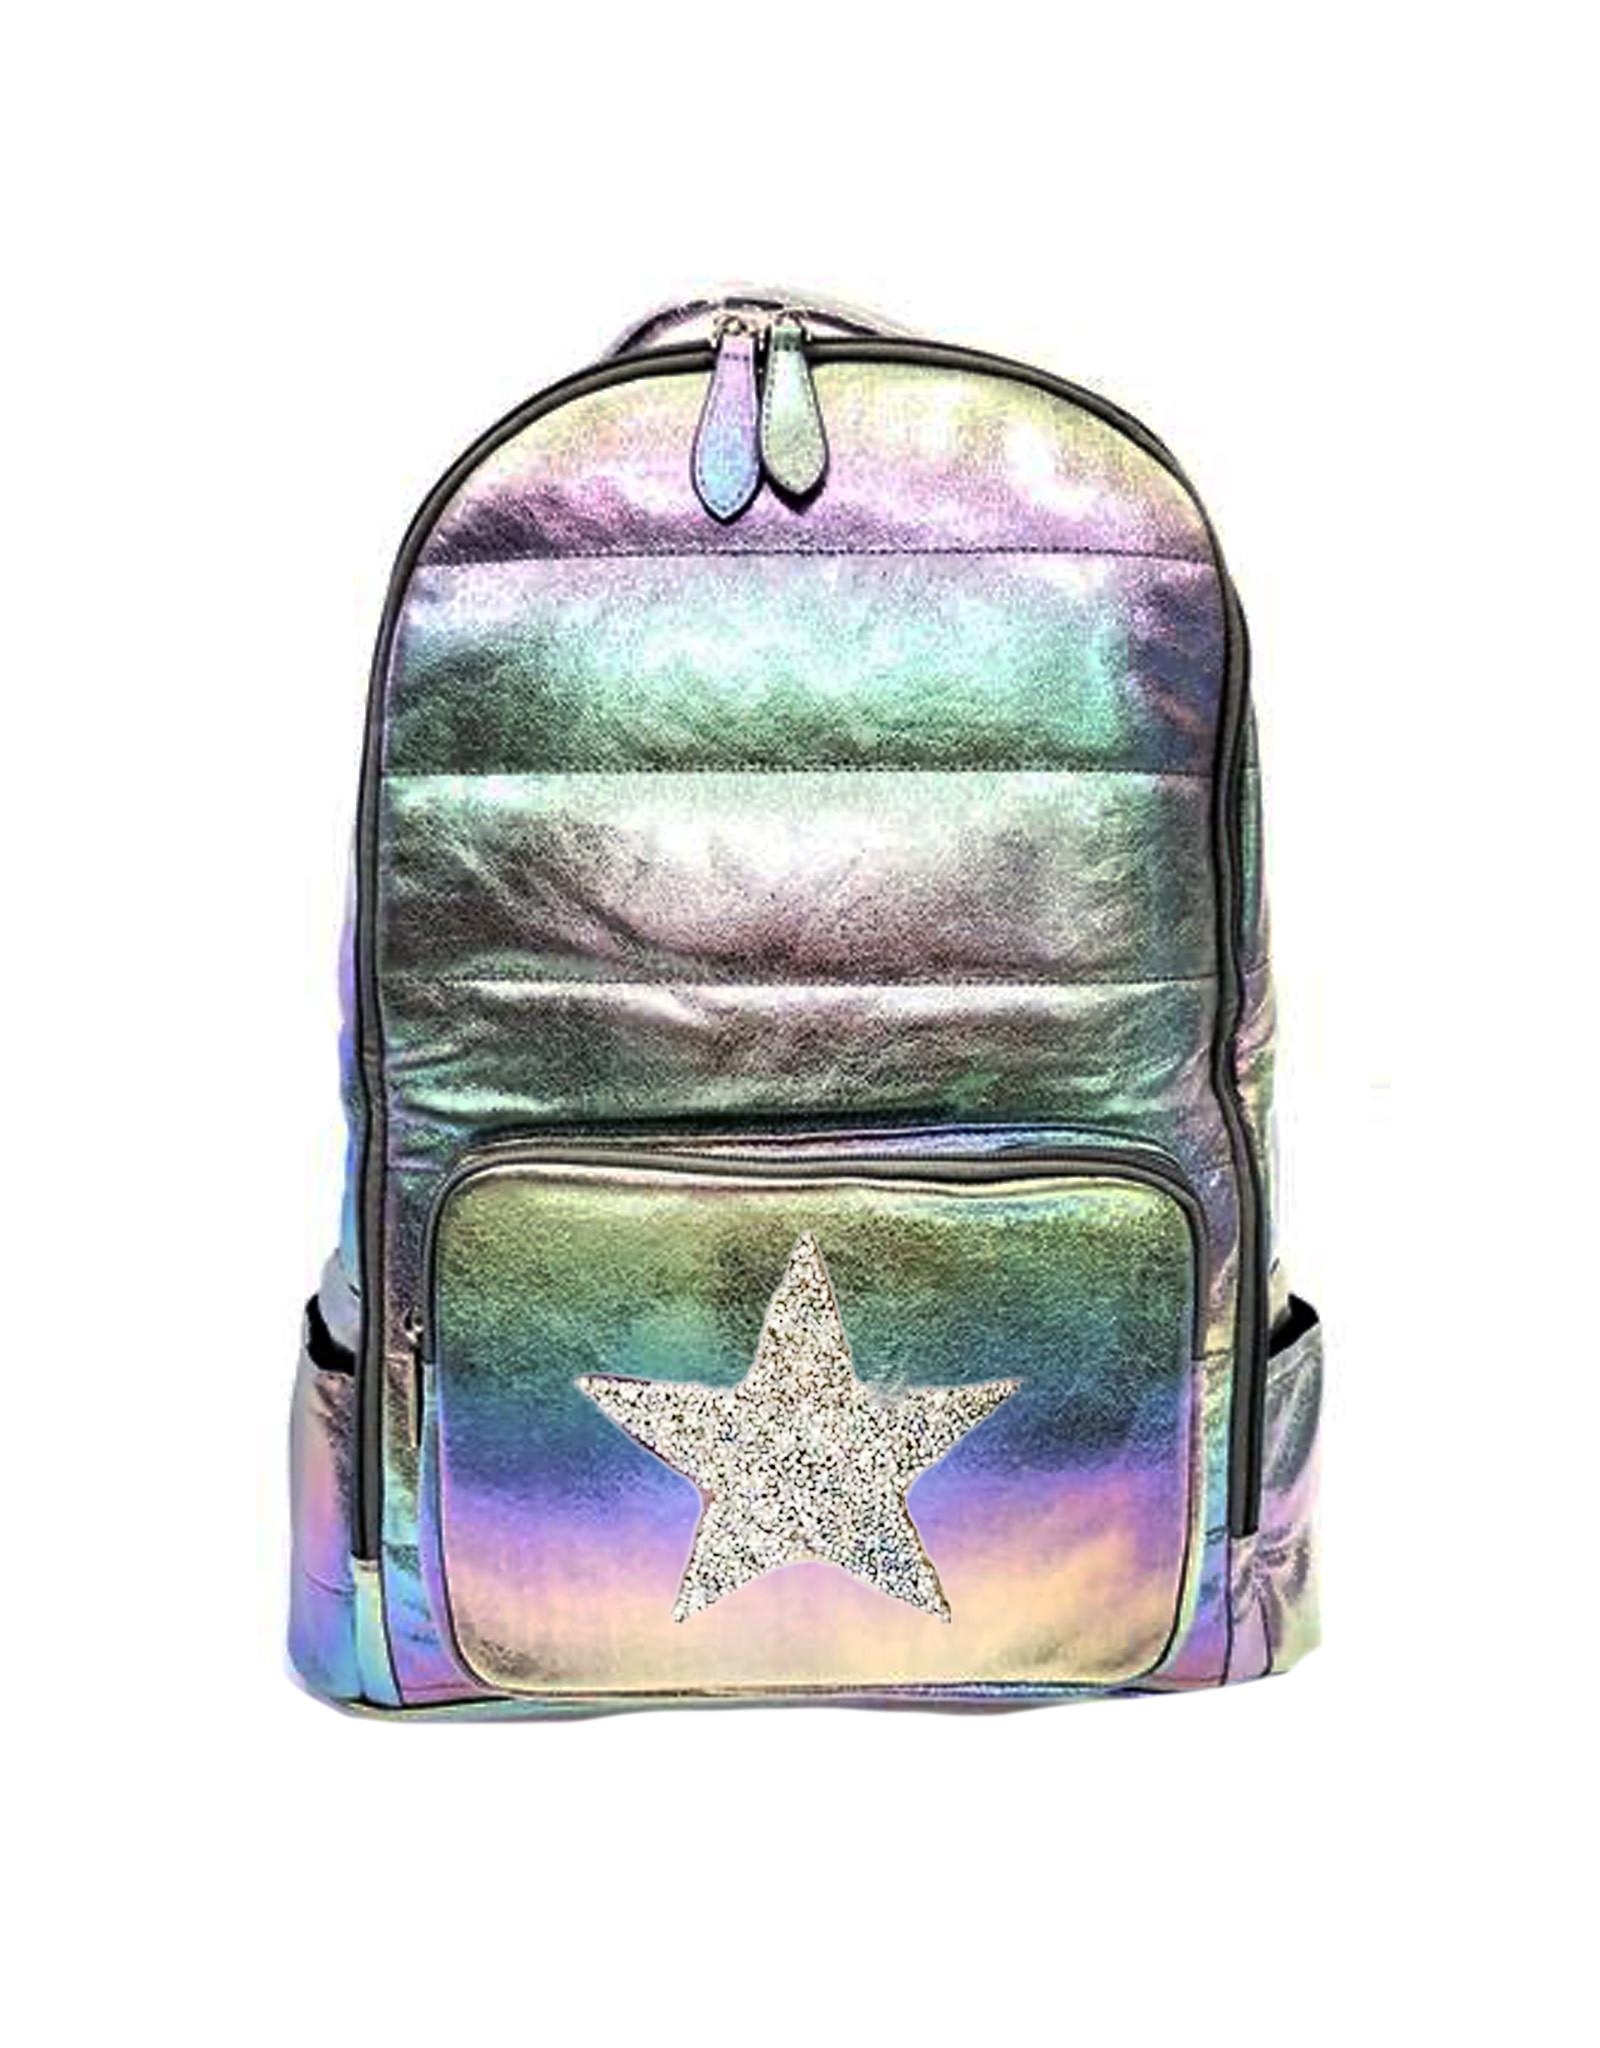 Bari Lynn Bari Lynn Galaxy Puffy Backpack with Glitter Star